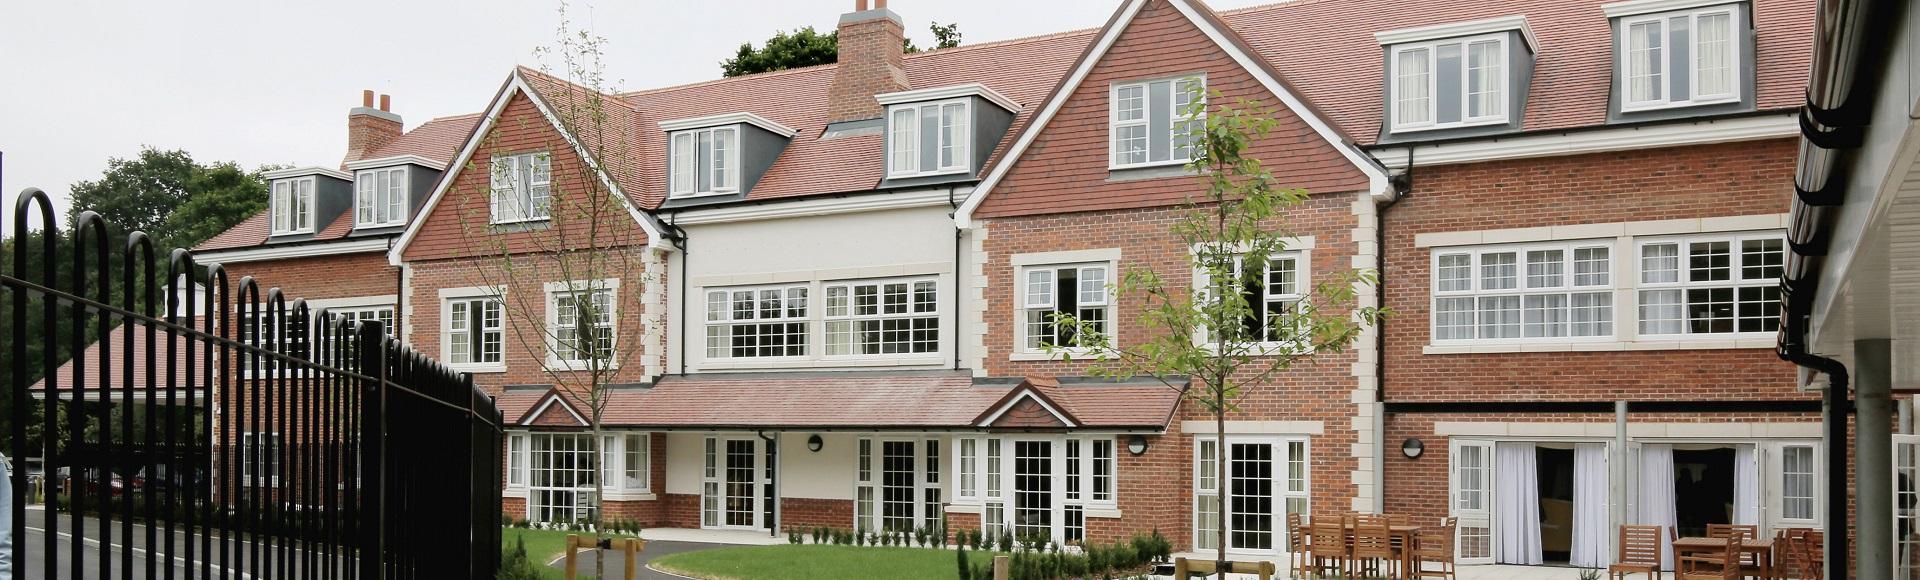 Lavender Fields care home in Seal, Sevenoaks